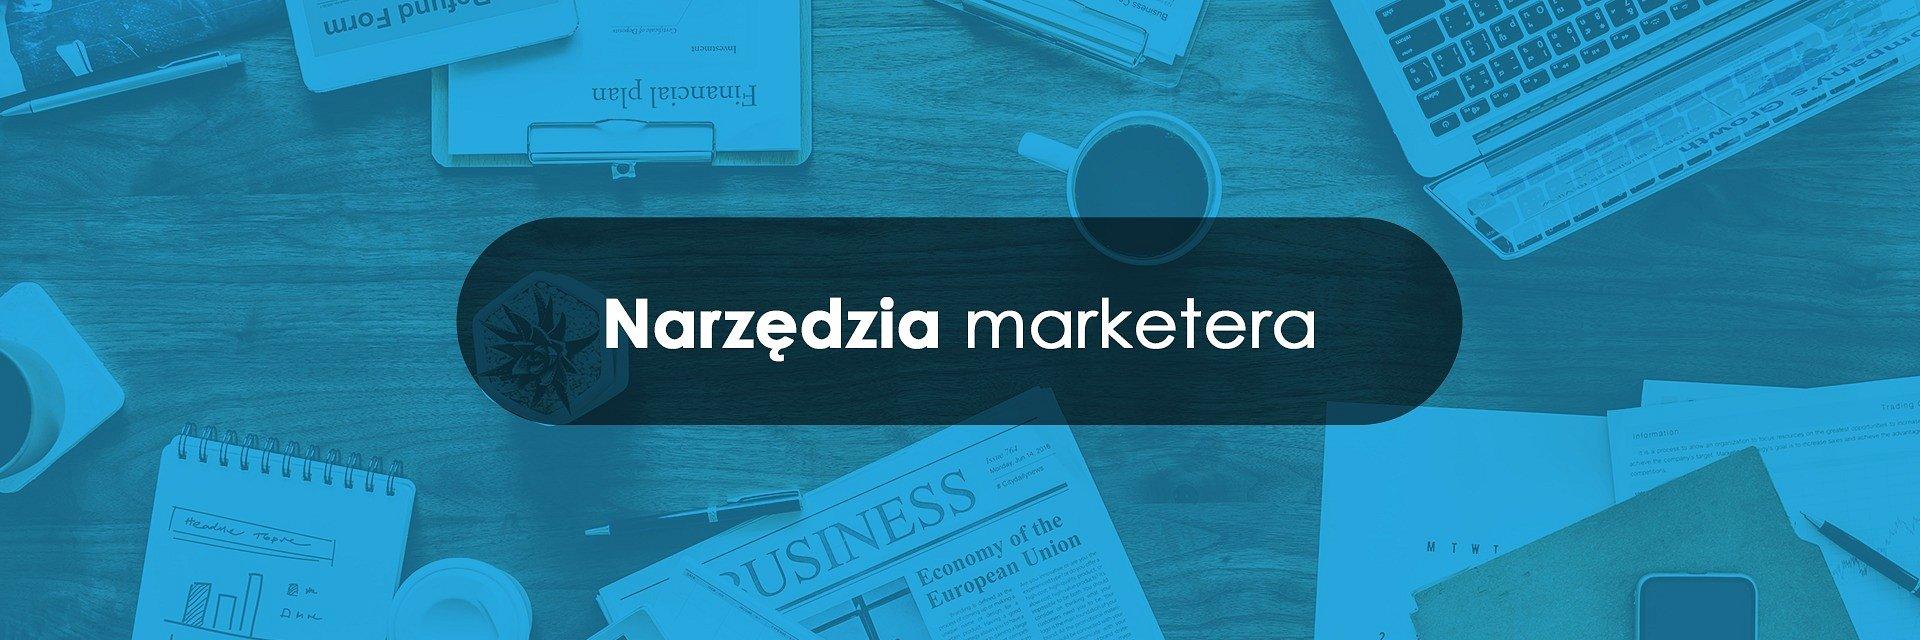 Narzędzia marketera – 3 aplikacje do zarządzania treściami